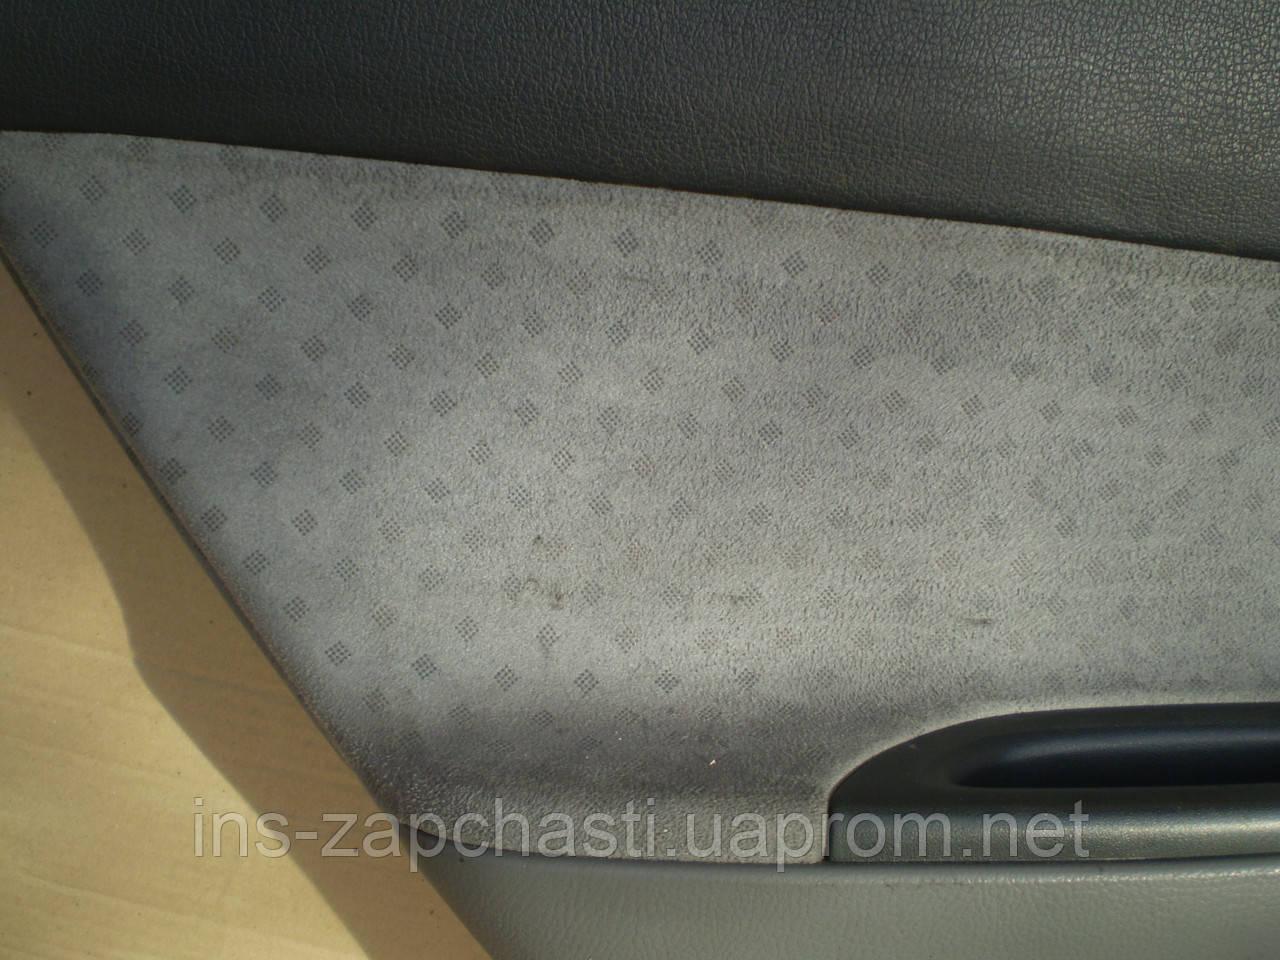 Карта на левую заднюю дверь Mazda 6 (2002-2007), GJ6A 550G 72, накладки дверей, дверная карта